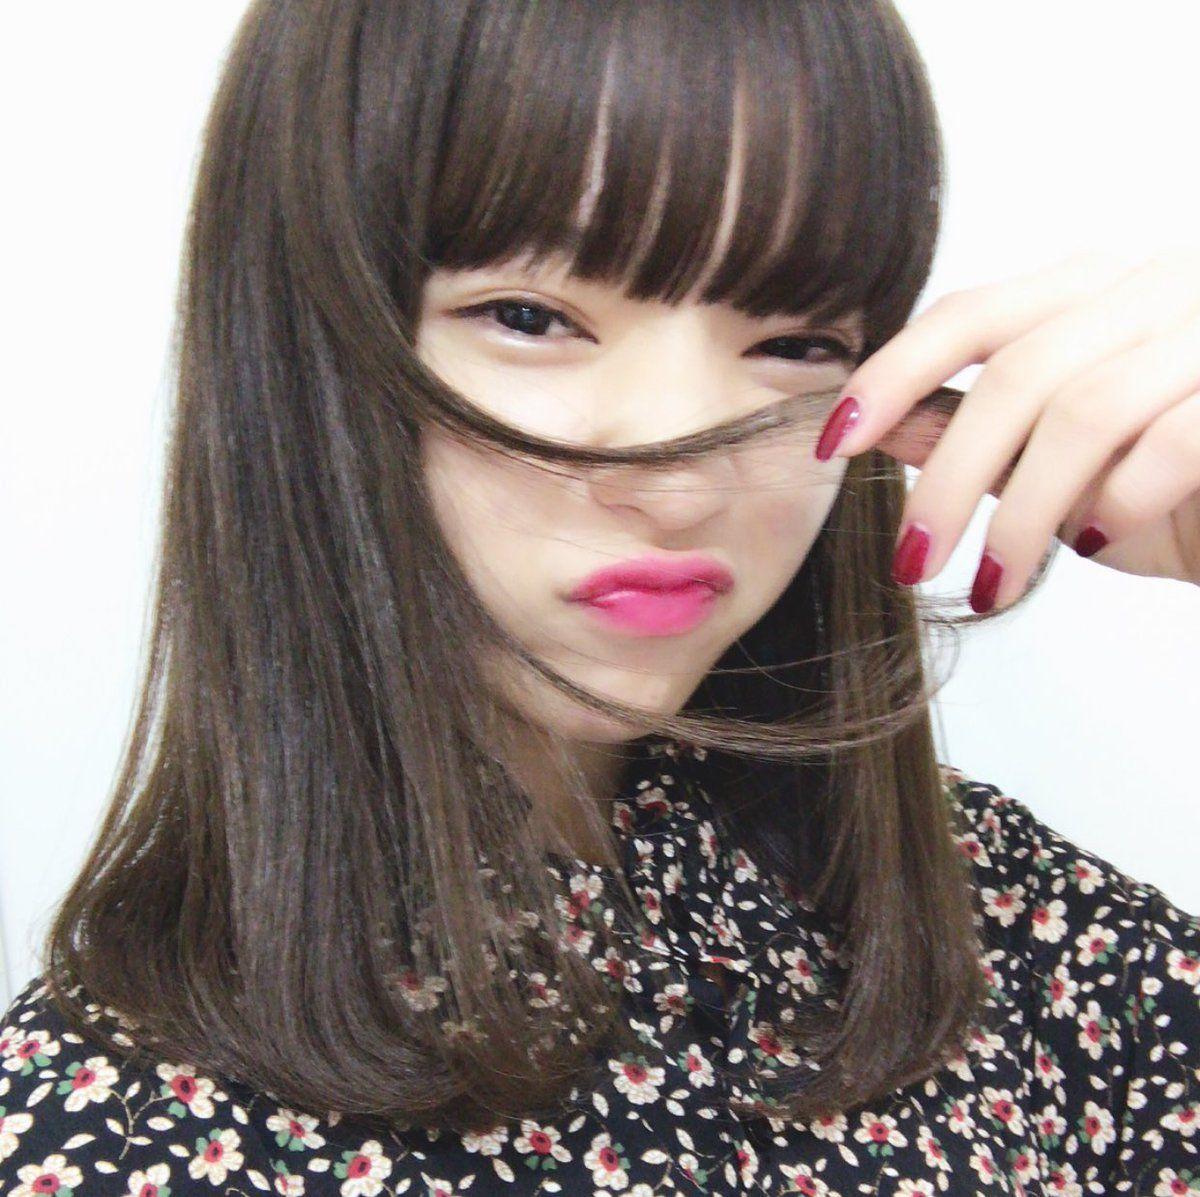 田中芽衣の画像 p1_22